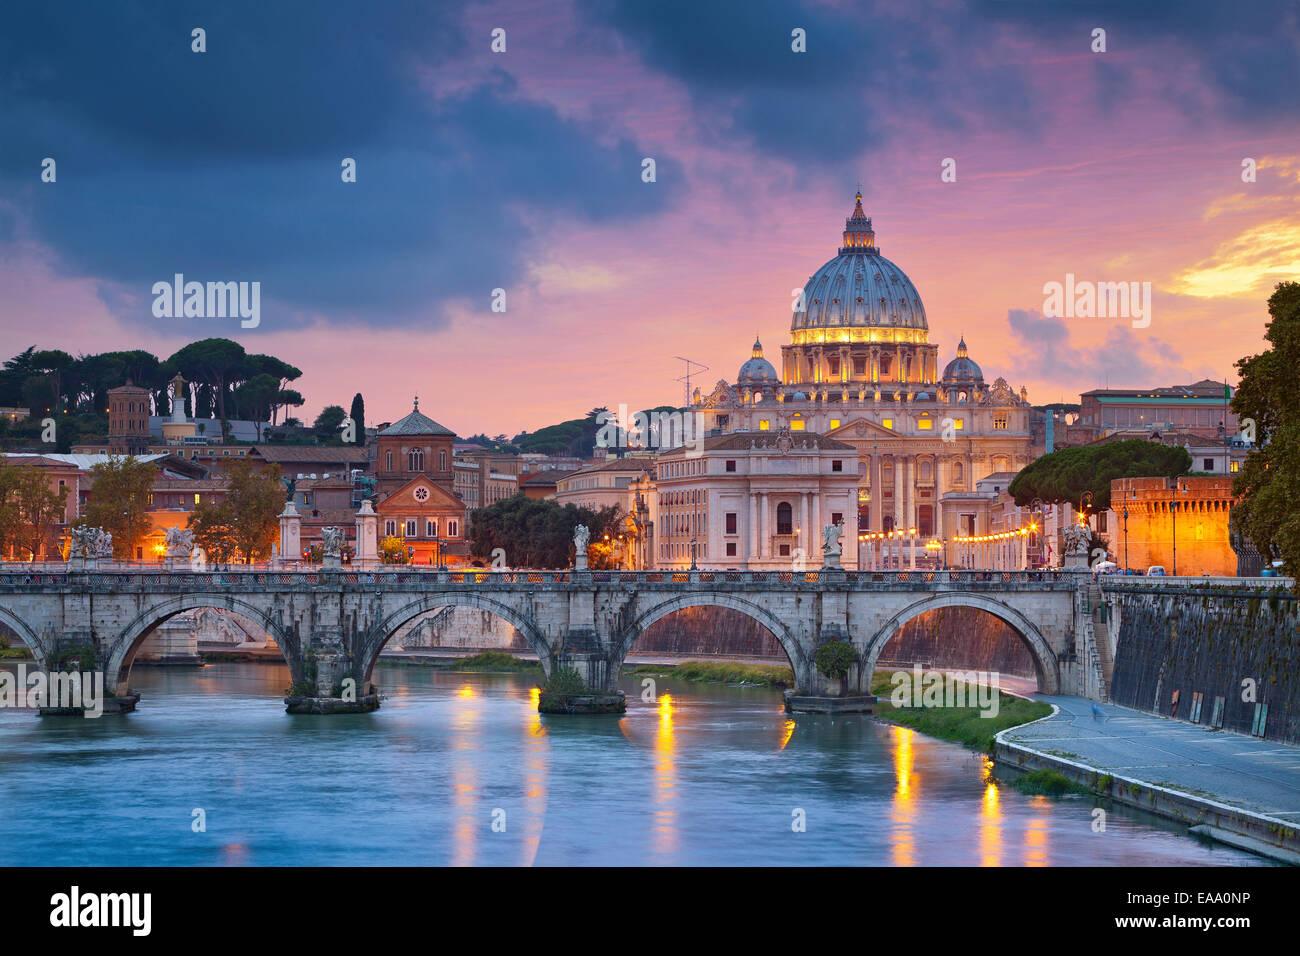 Blick auf Petersdom in Rom bei Sonnenuntergang. Stockbild